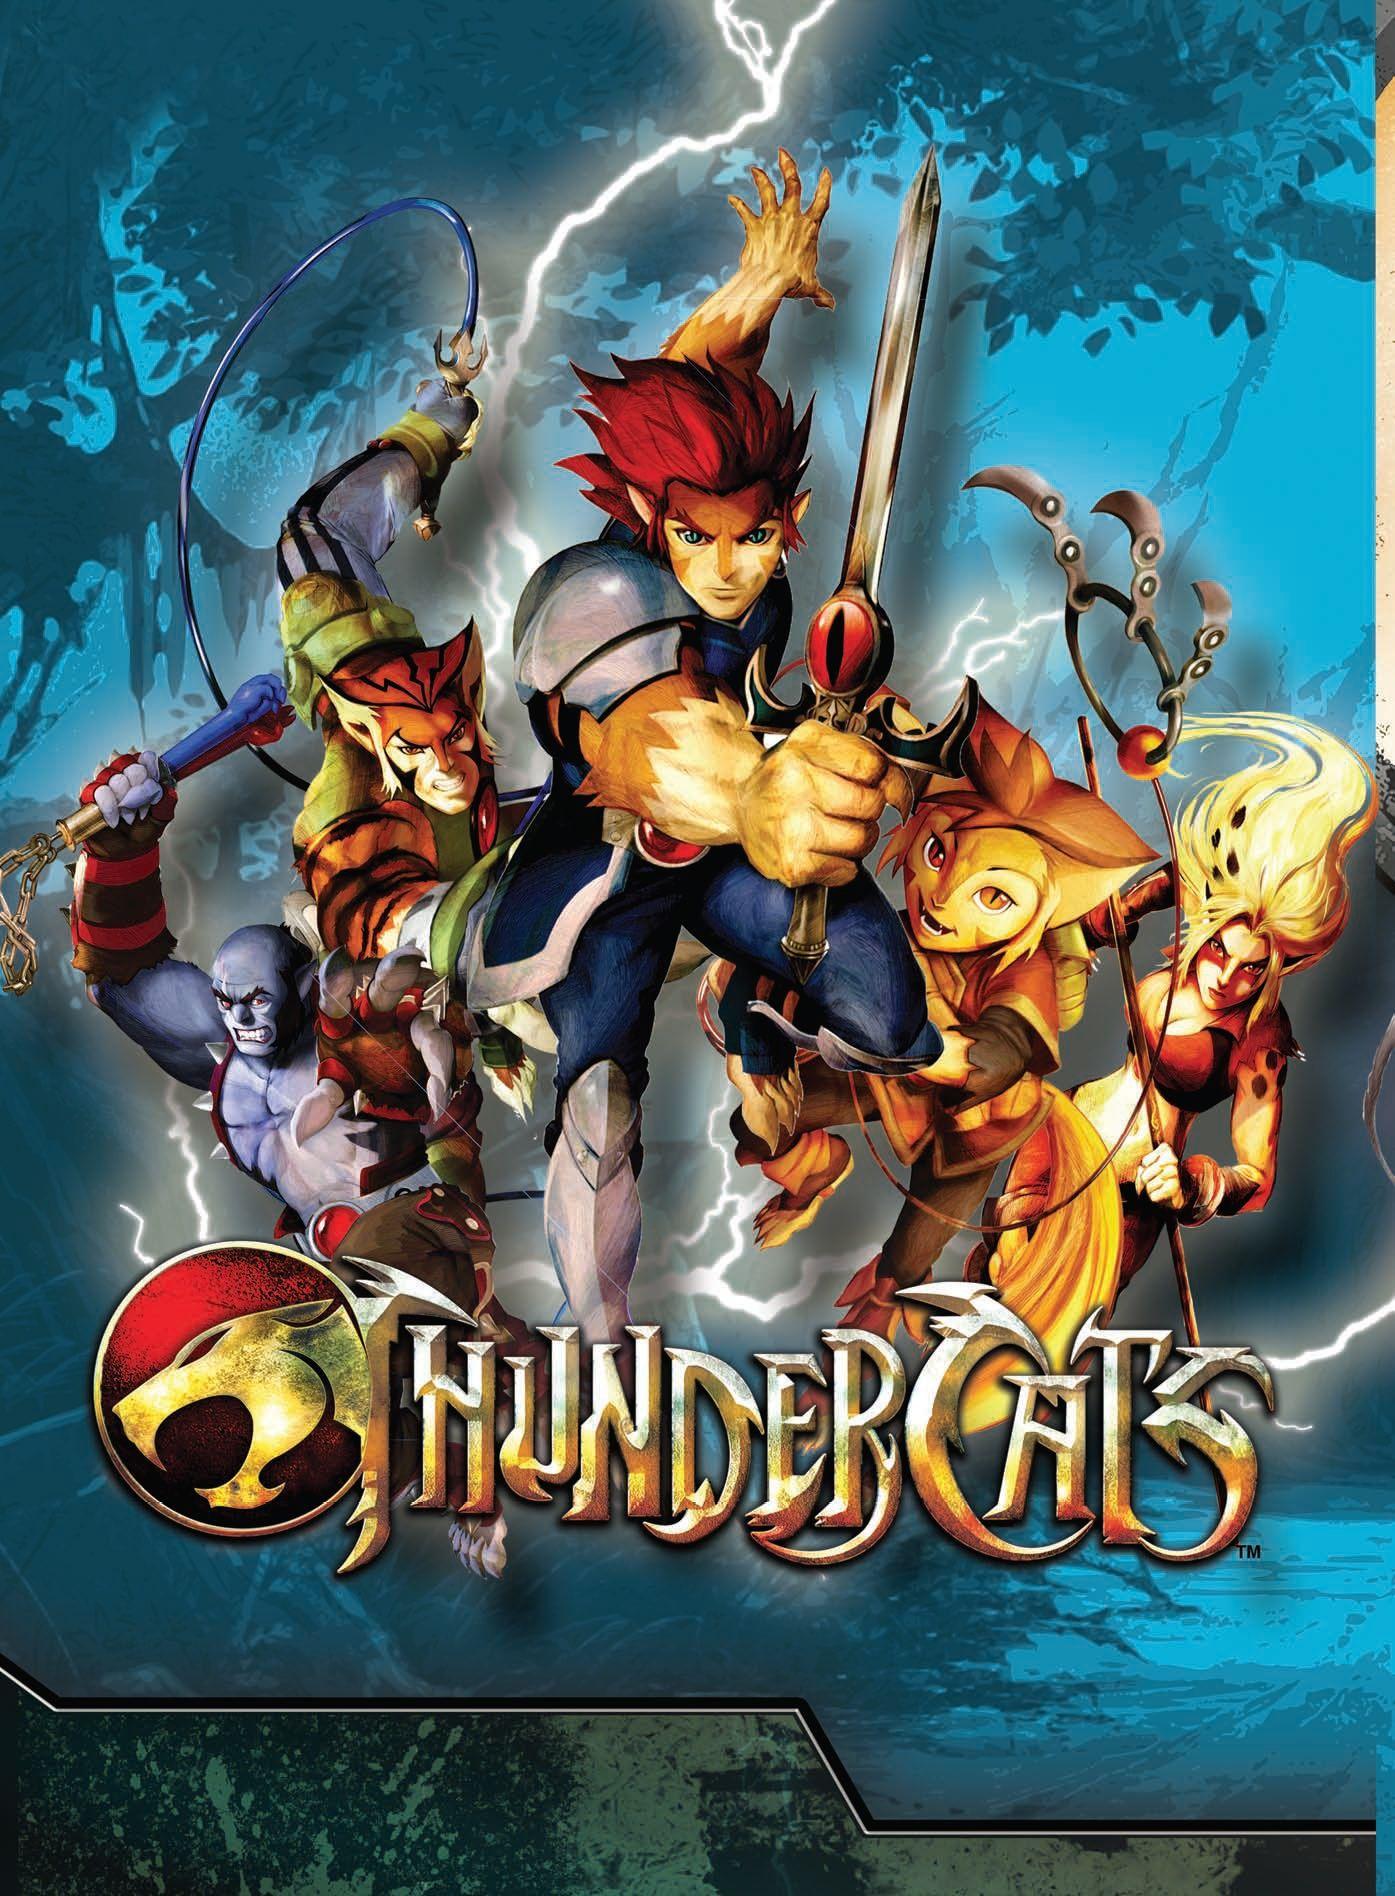 Thundercats Assistir Thundercats 2011 Dublado Episodios Online Thundercats Animacao Suspensa Vingadores